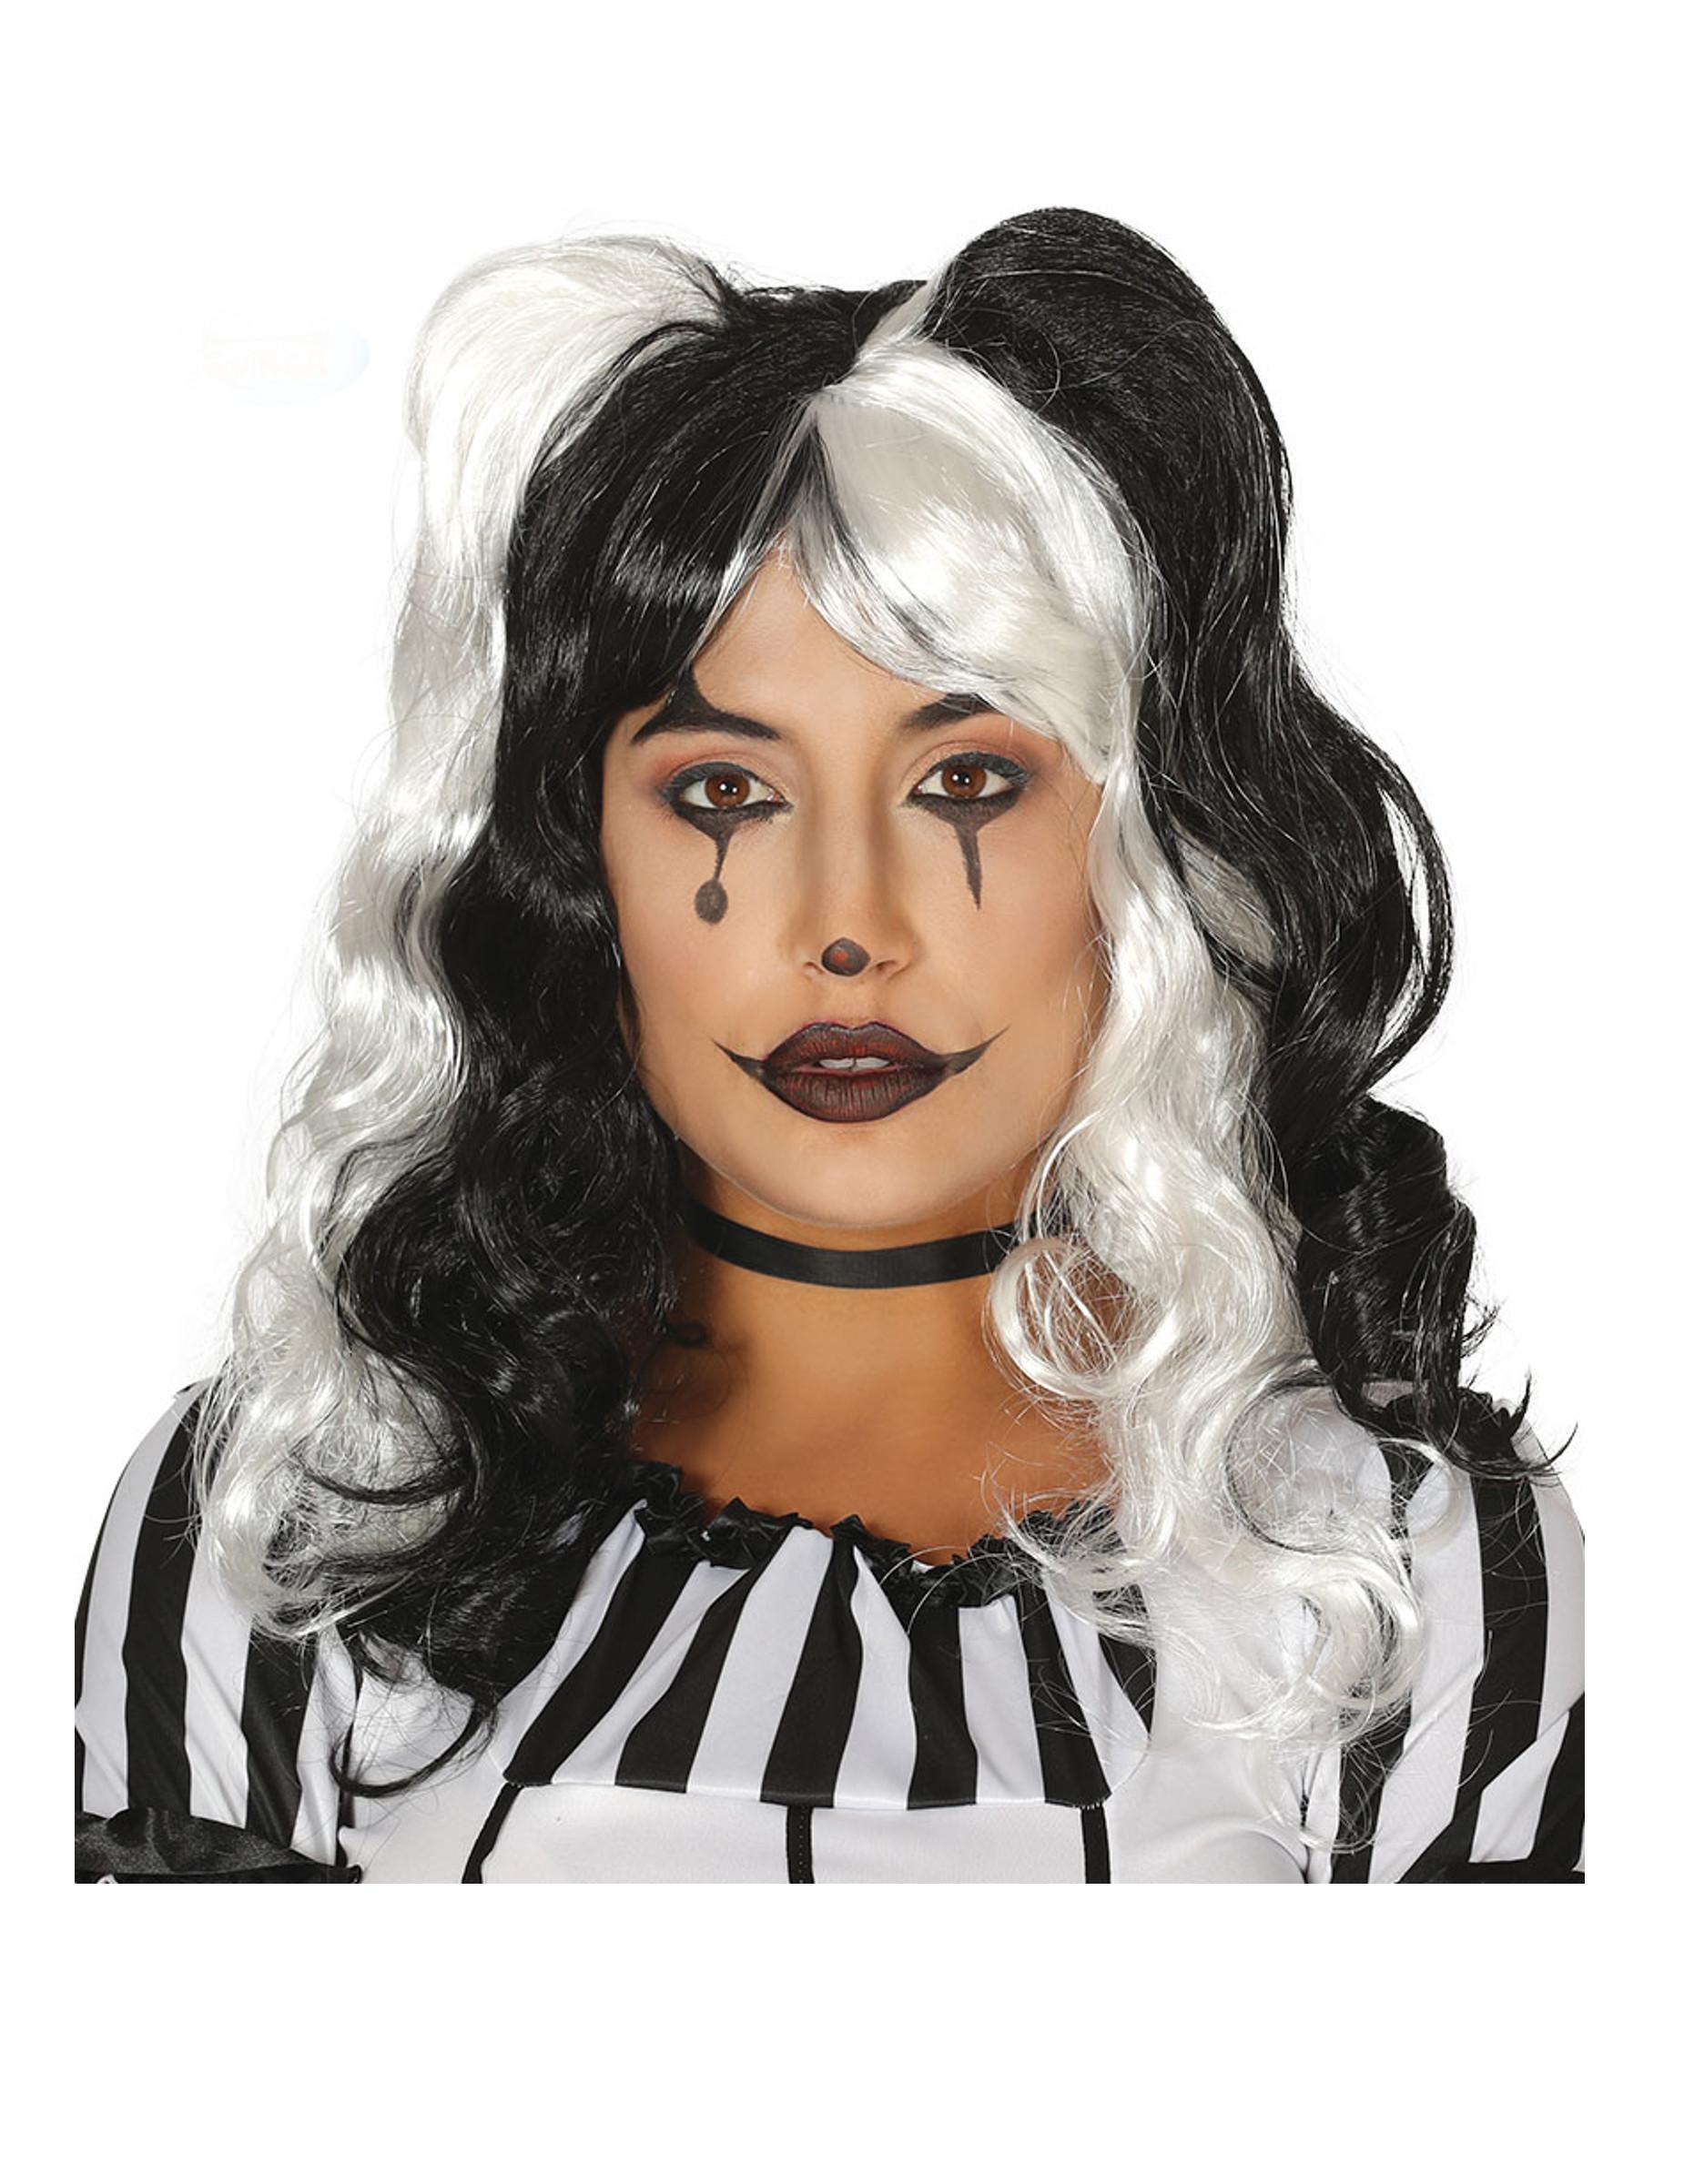 Perruque arlequin couettes noires et blanches femme